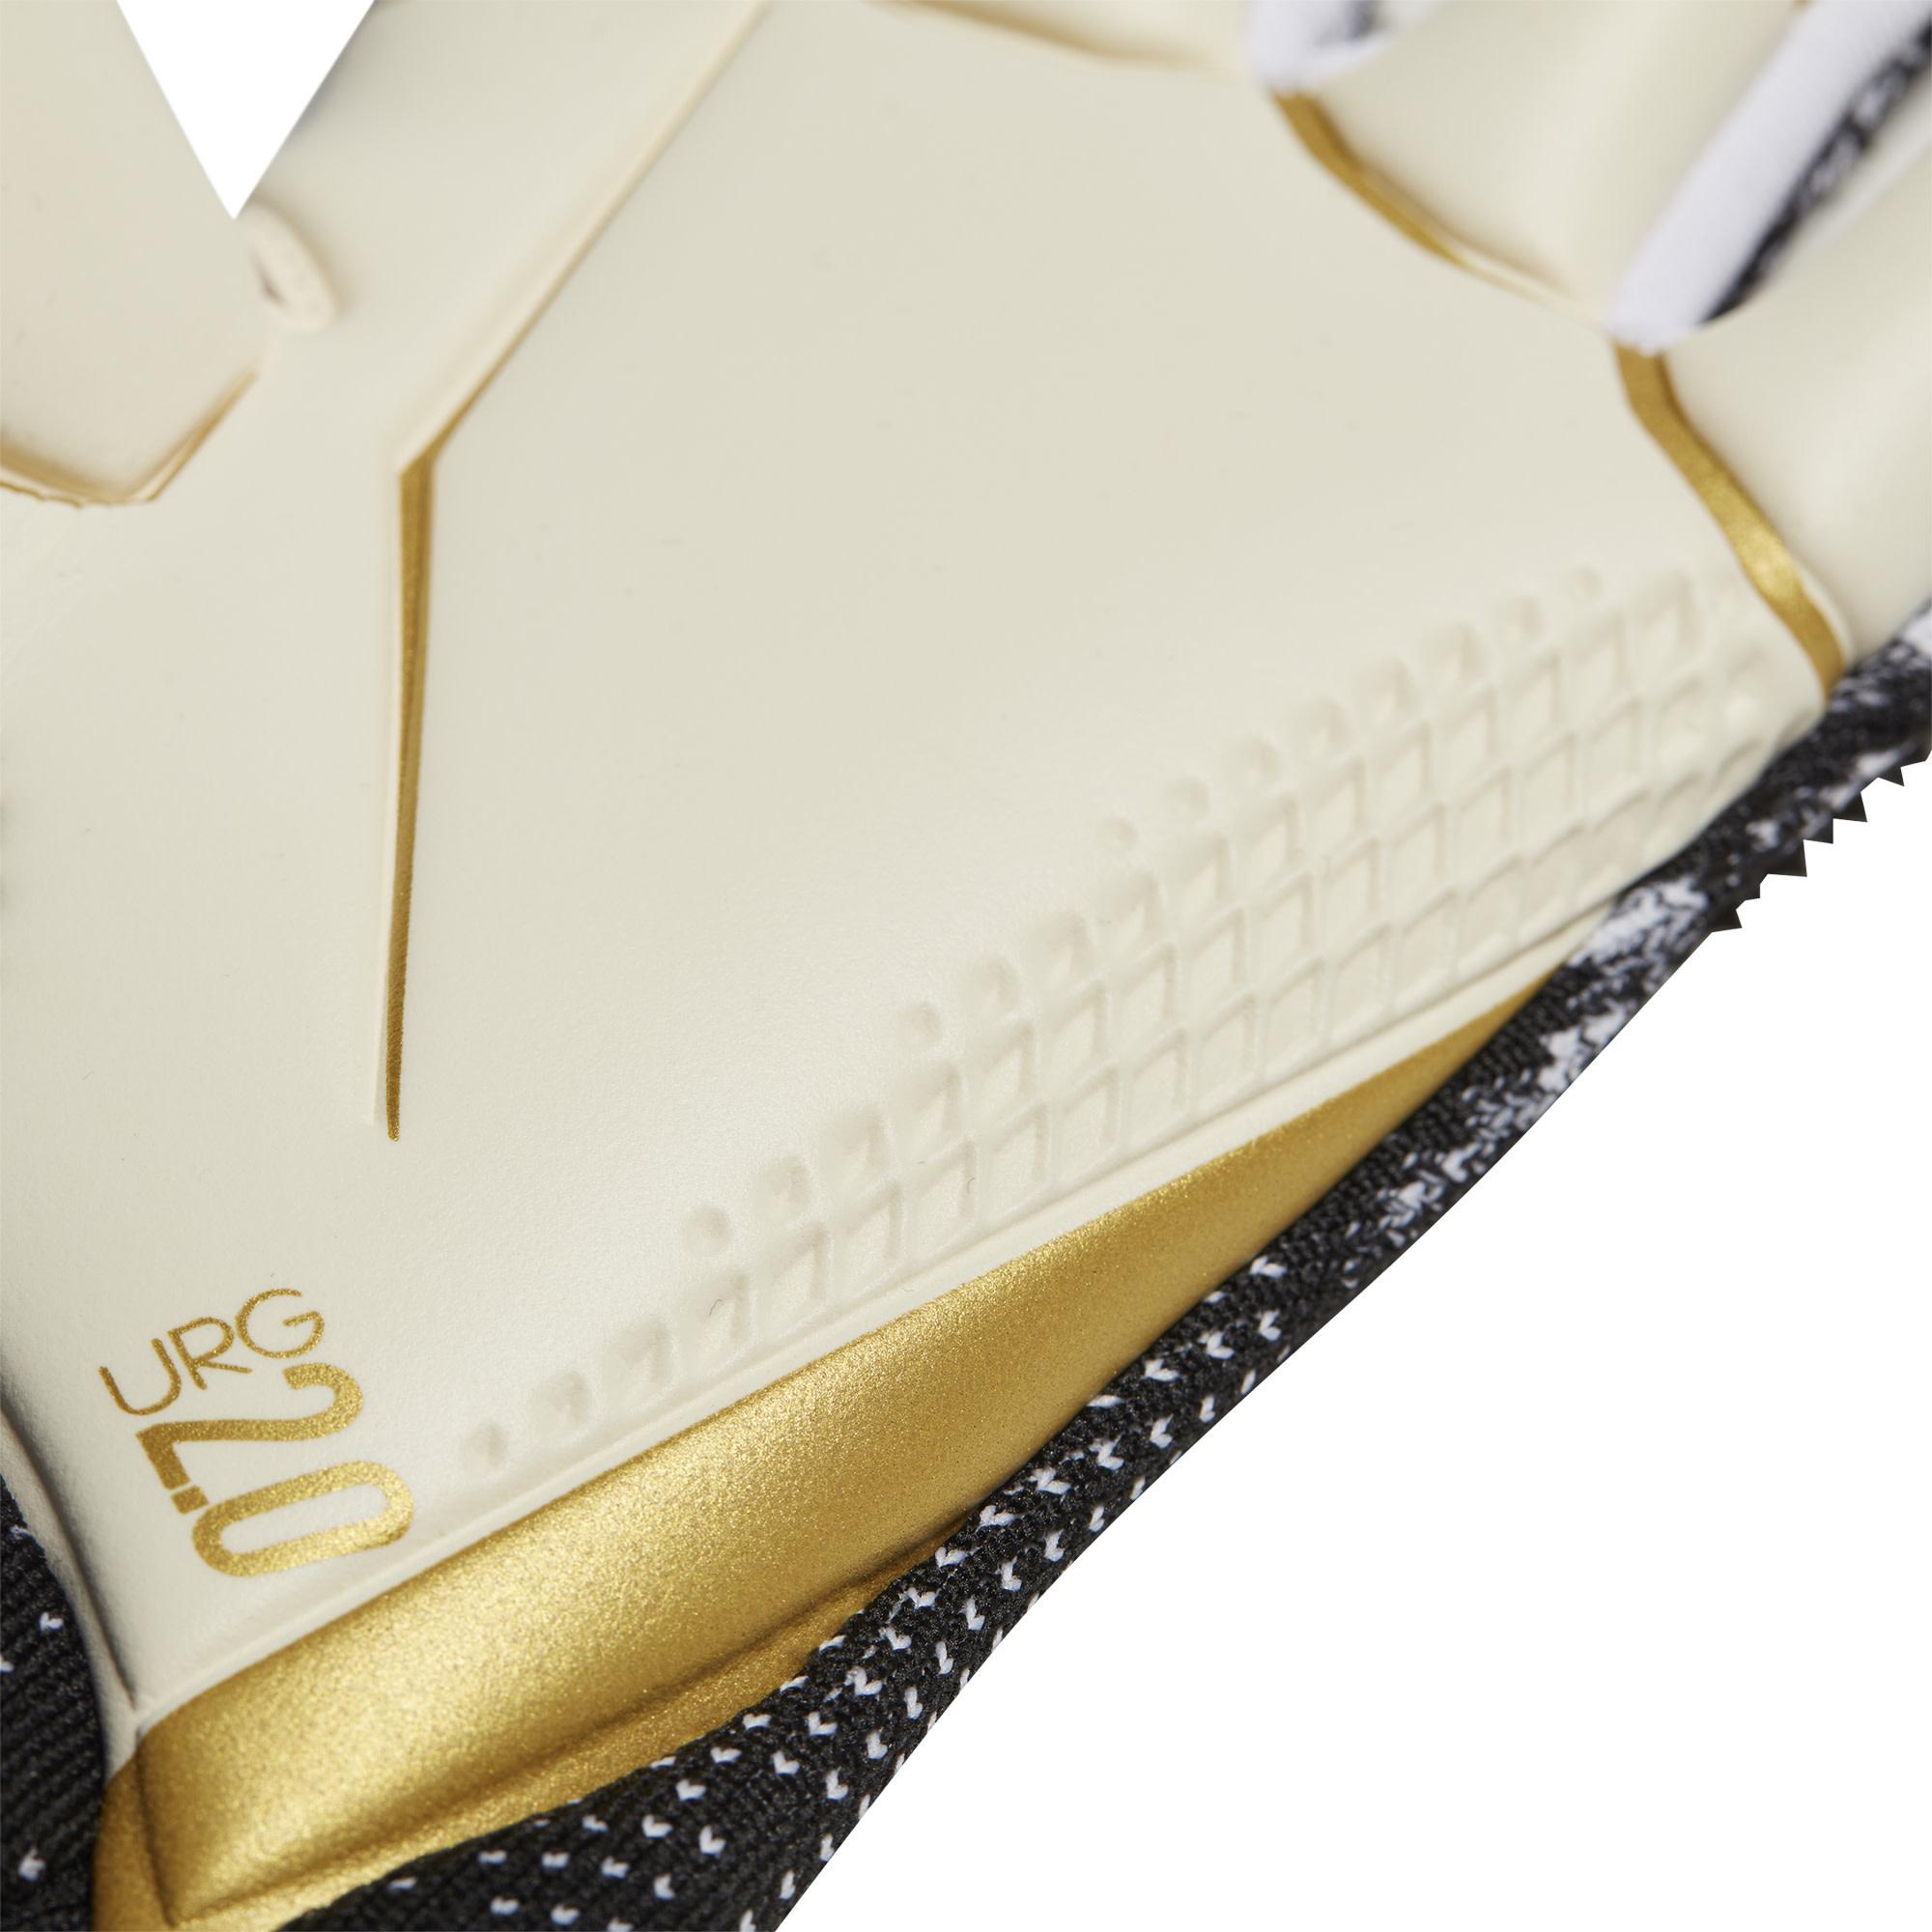 Adidas ADIDAS Predator Pro